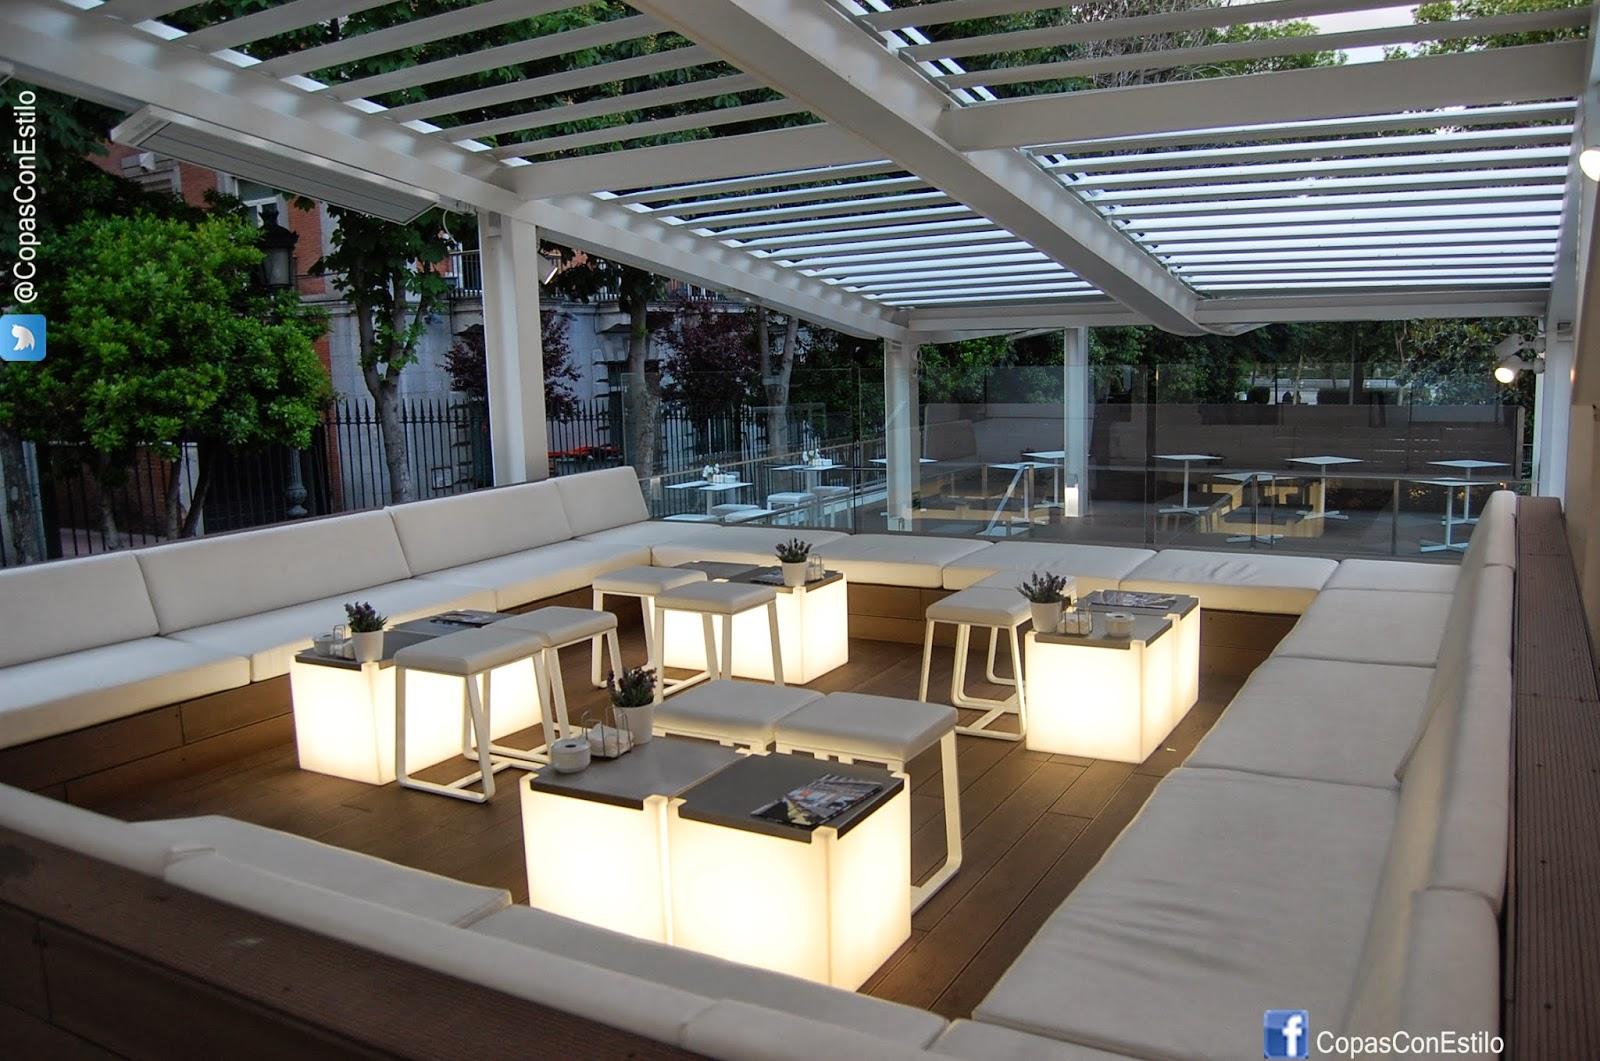 Una copa con estilo en las terrazas del thyssen la - Terrazas con estilo ...